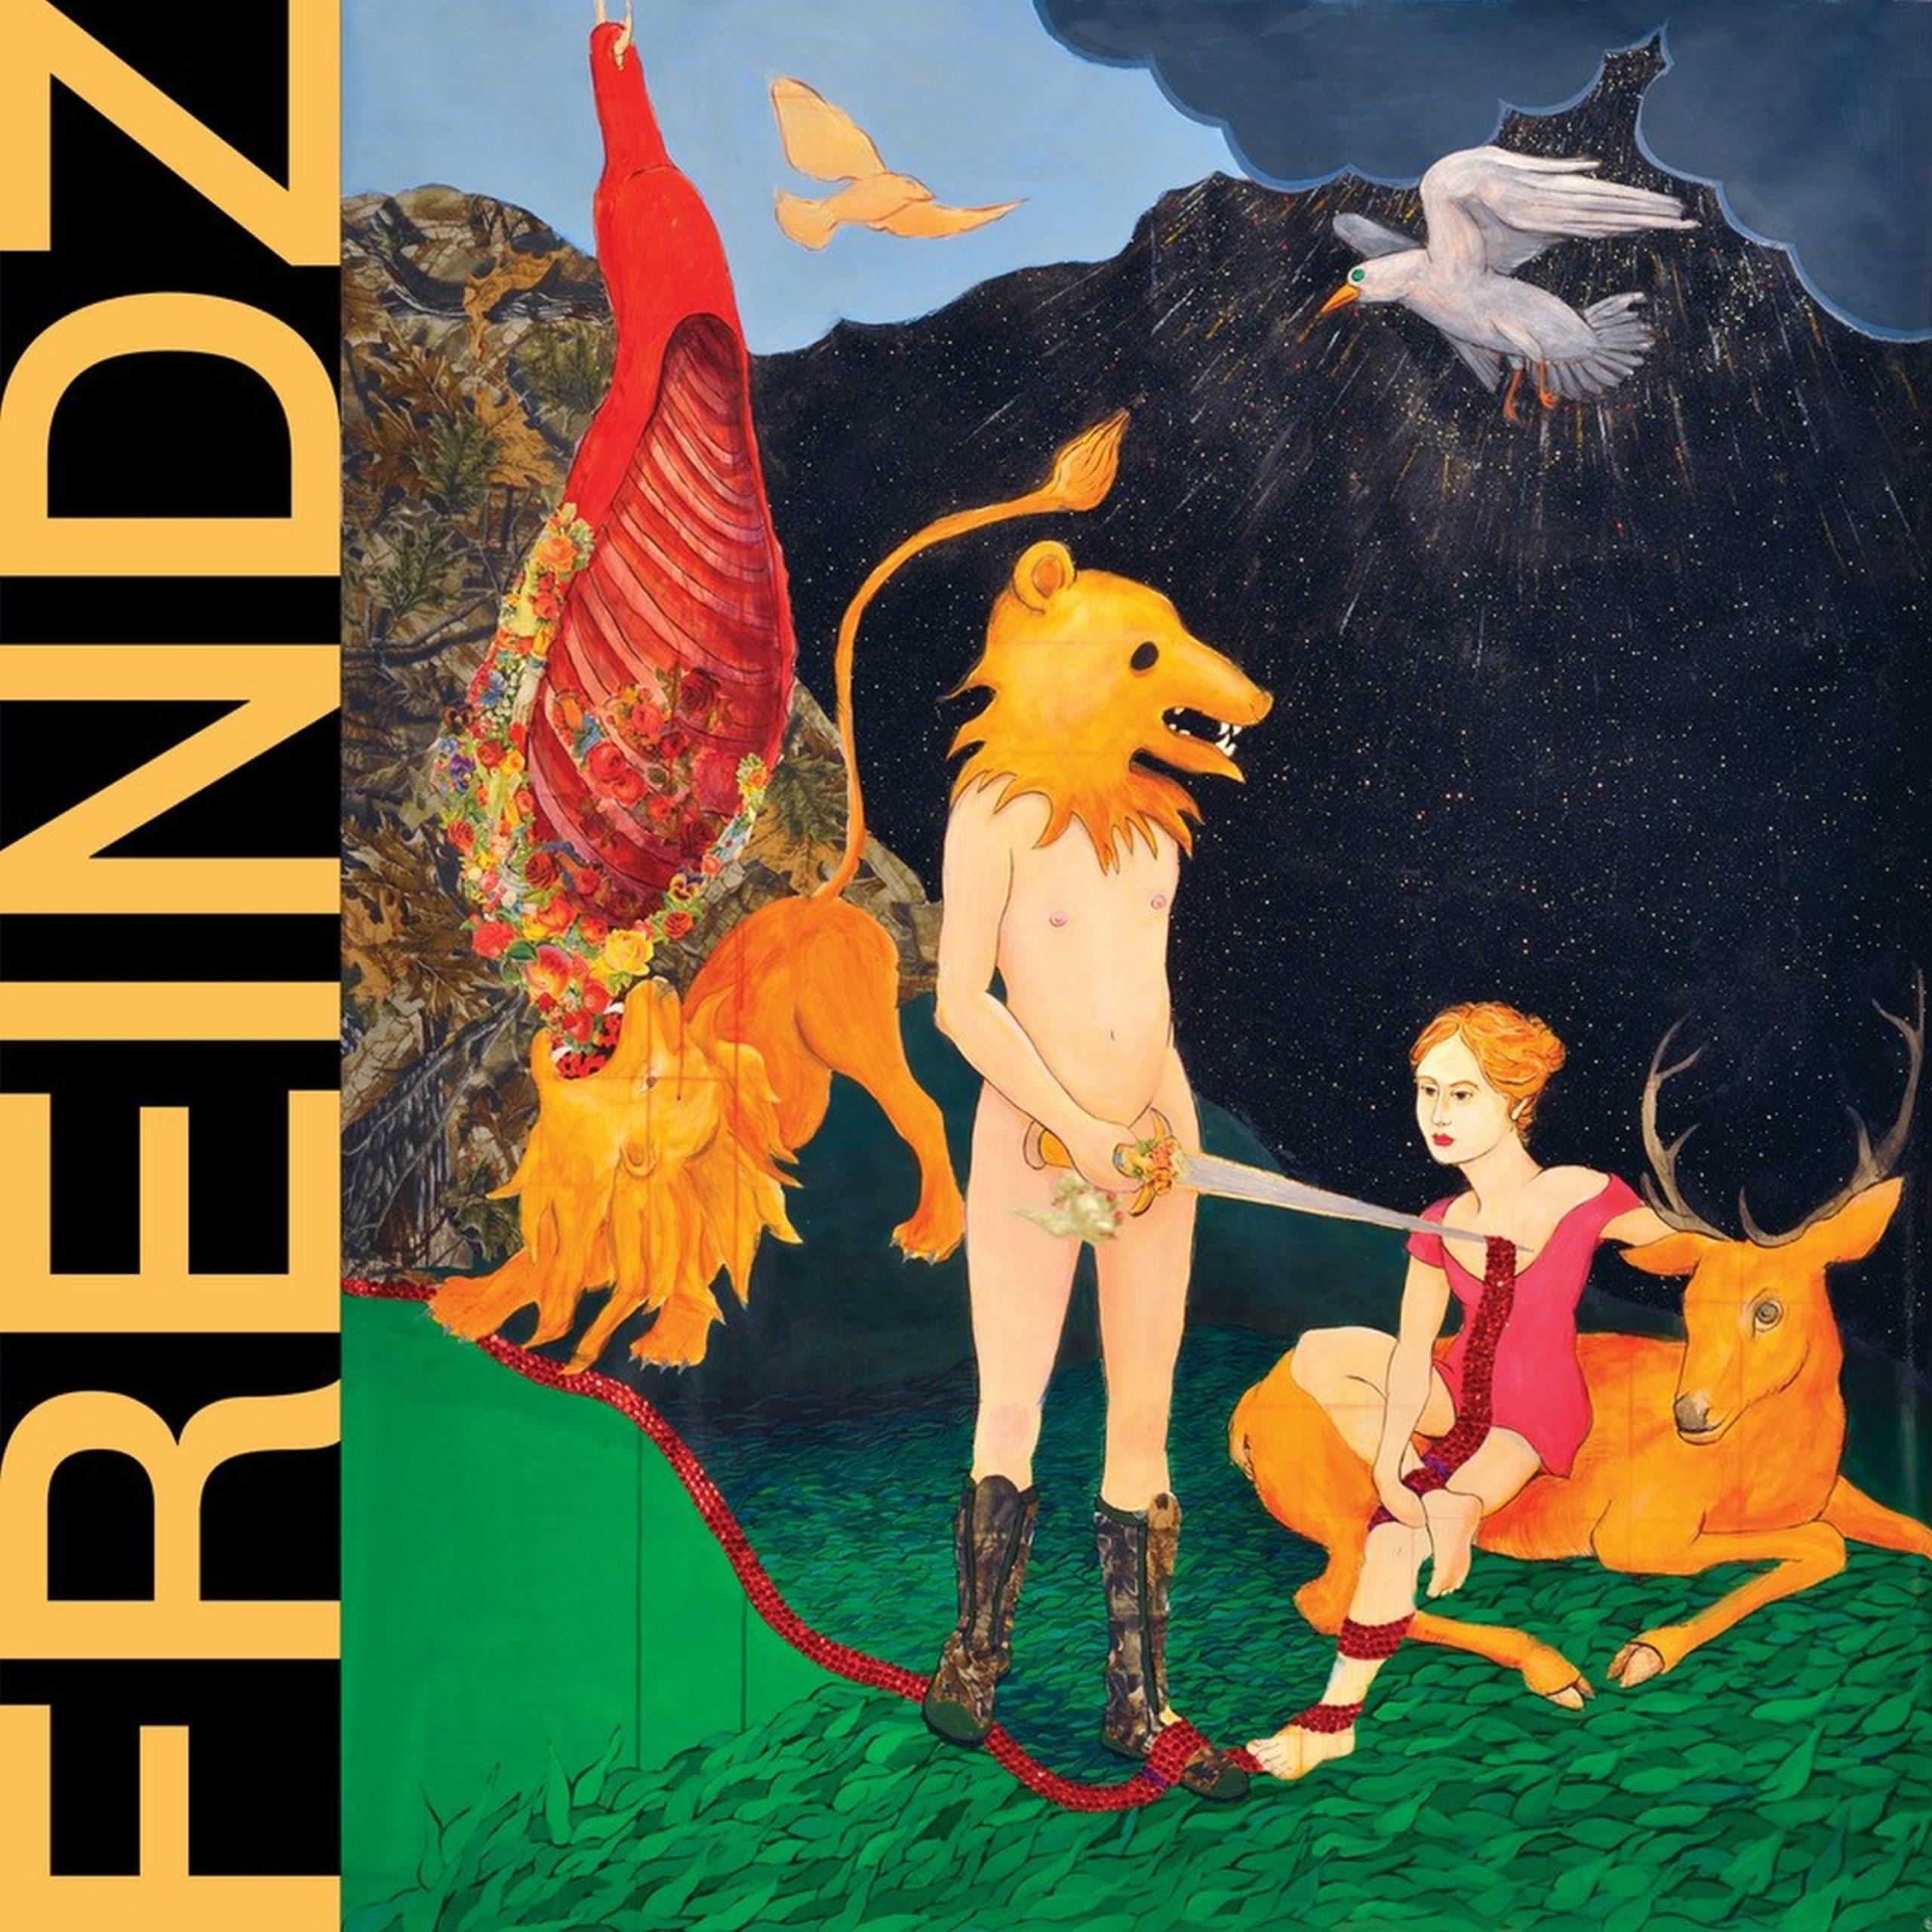 """FREINDZ """"High Times in Babylon"""" Album"""